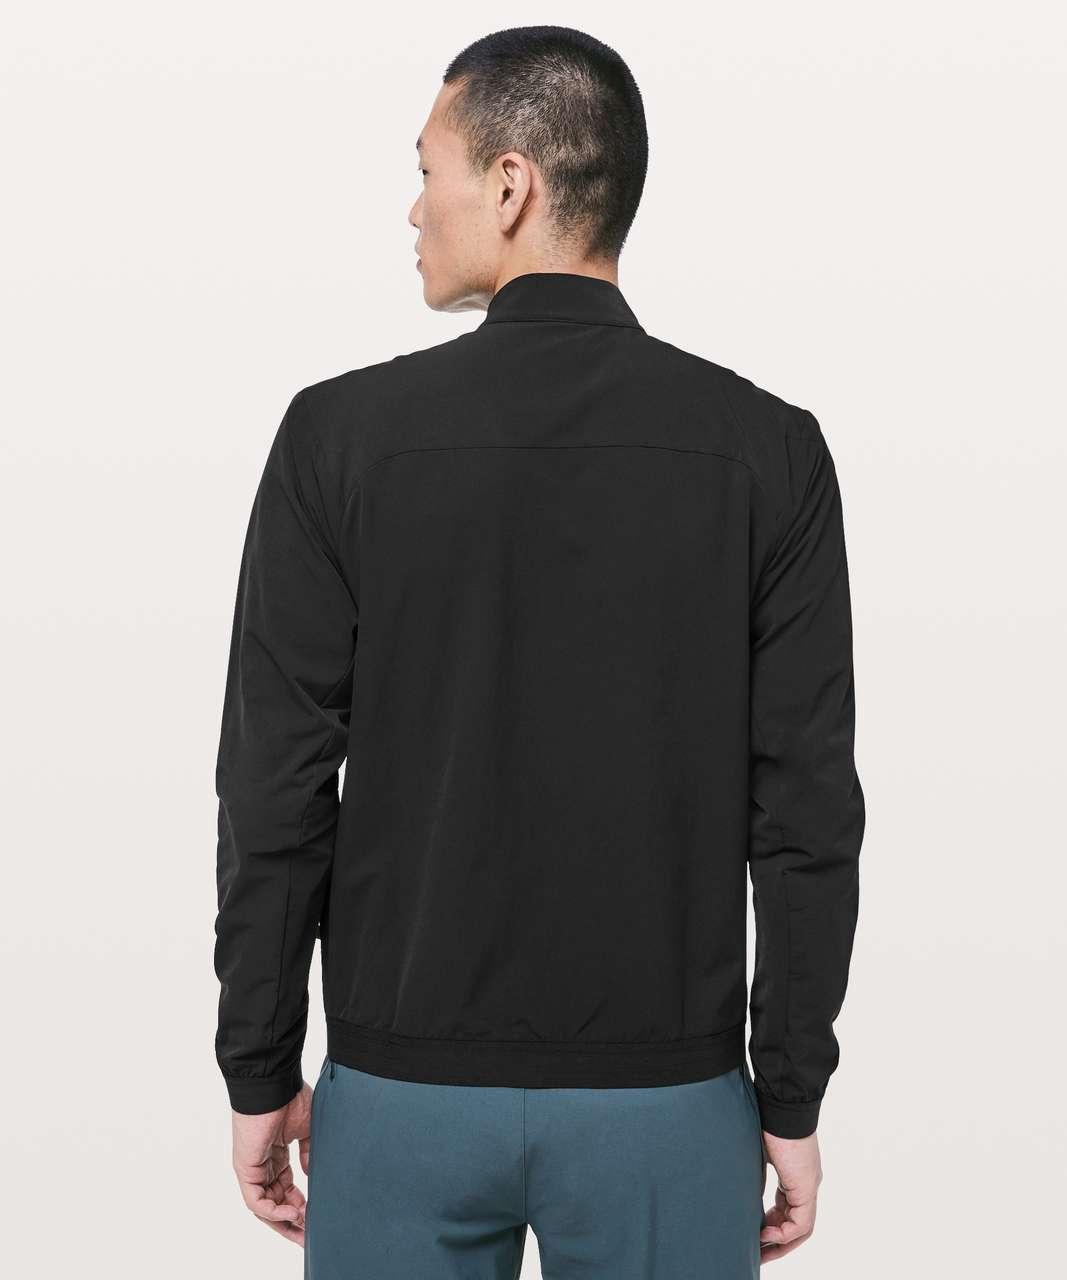 Lululemon Accedo Track Jacket *lululemon Lab - Black